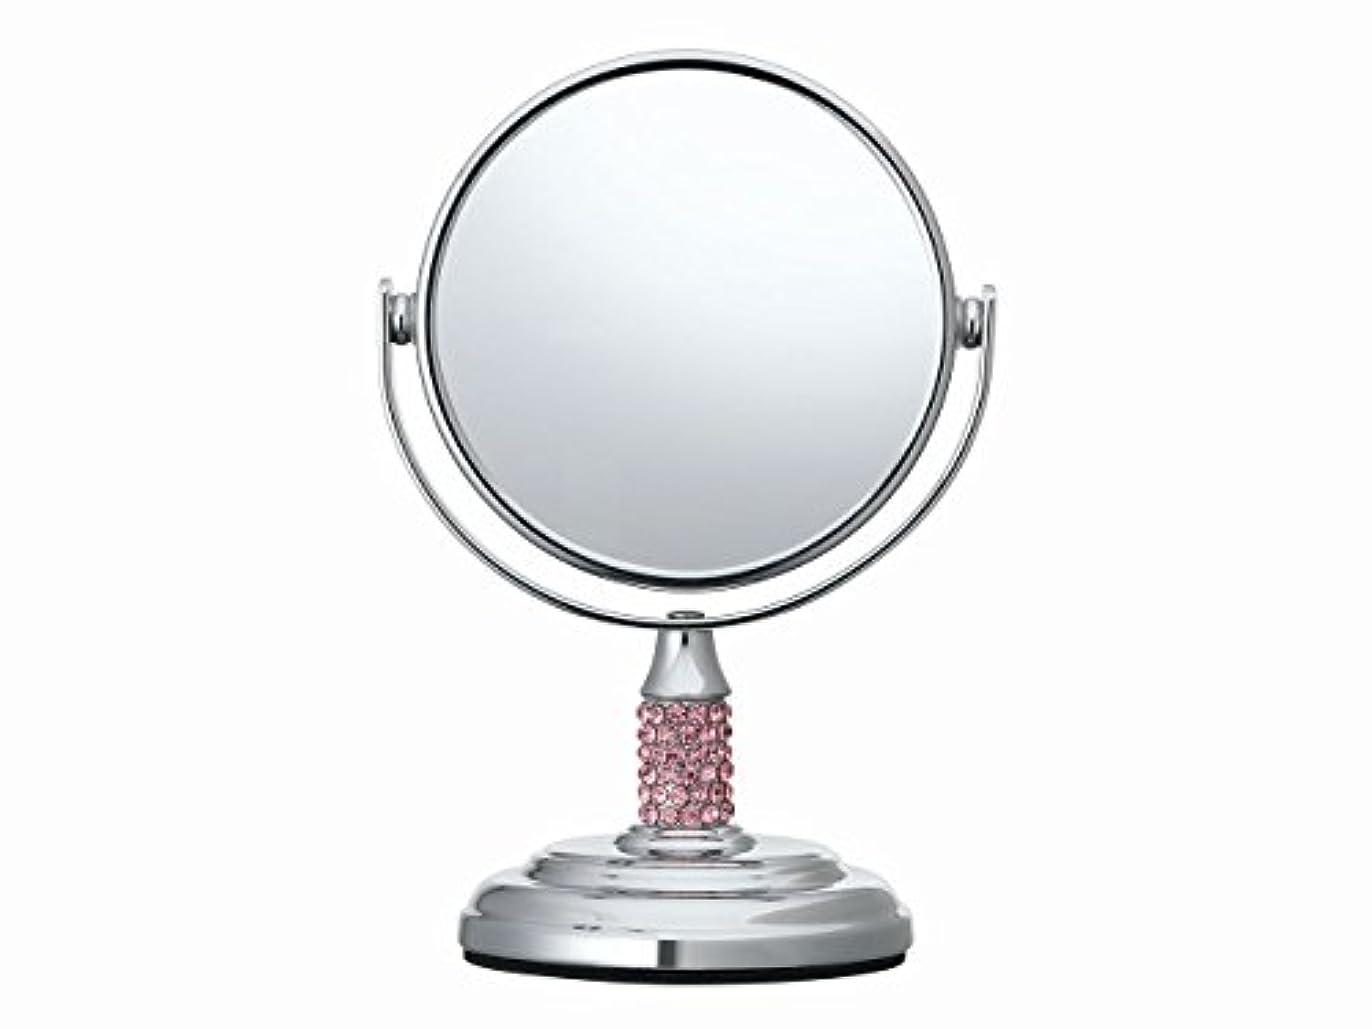 ガード人工的なモンクコイズミ 拡大鏡 サイズφ75mm ピンク KBE-3051/P